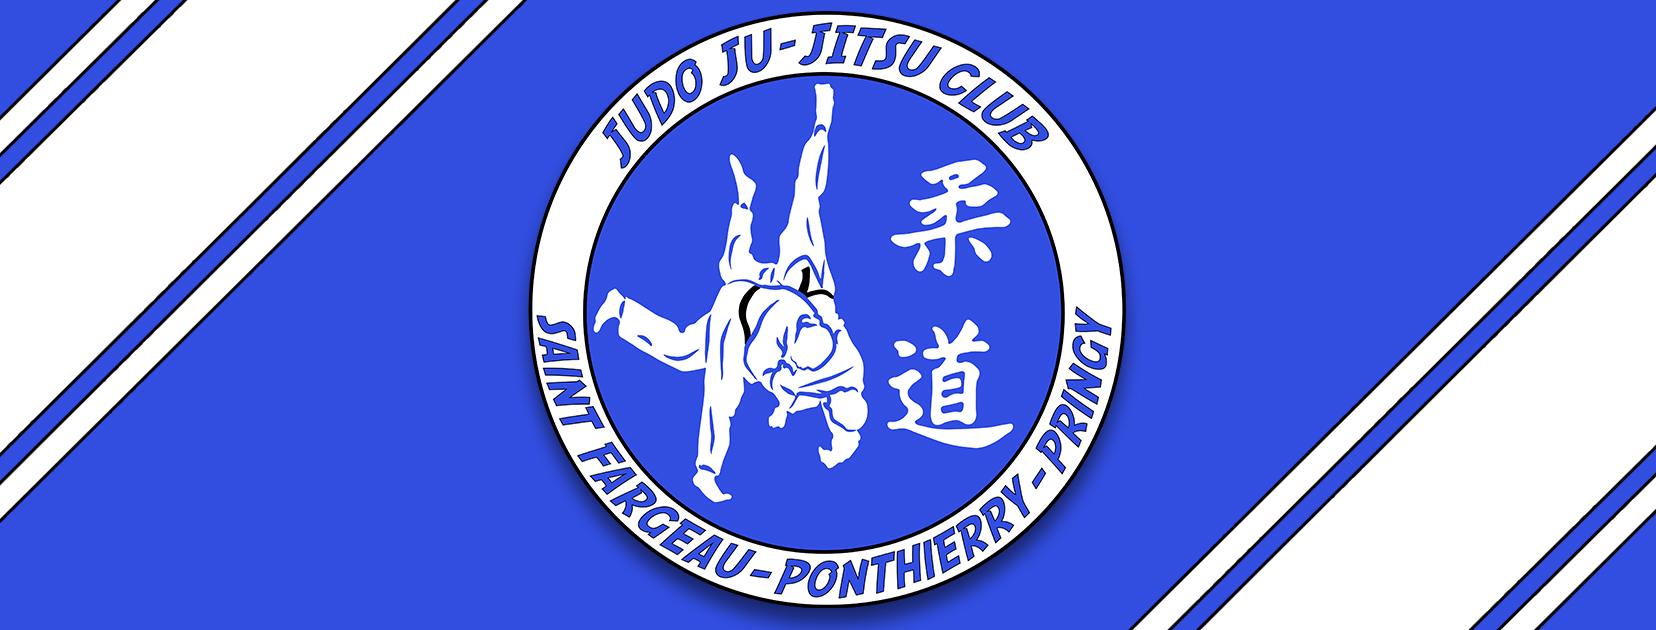 Judo Ju-Jitsu Saint Fargeau Ponthierry - Pringy